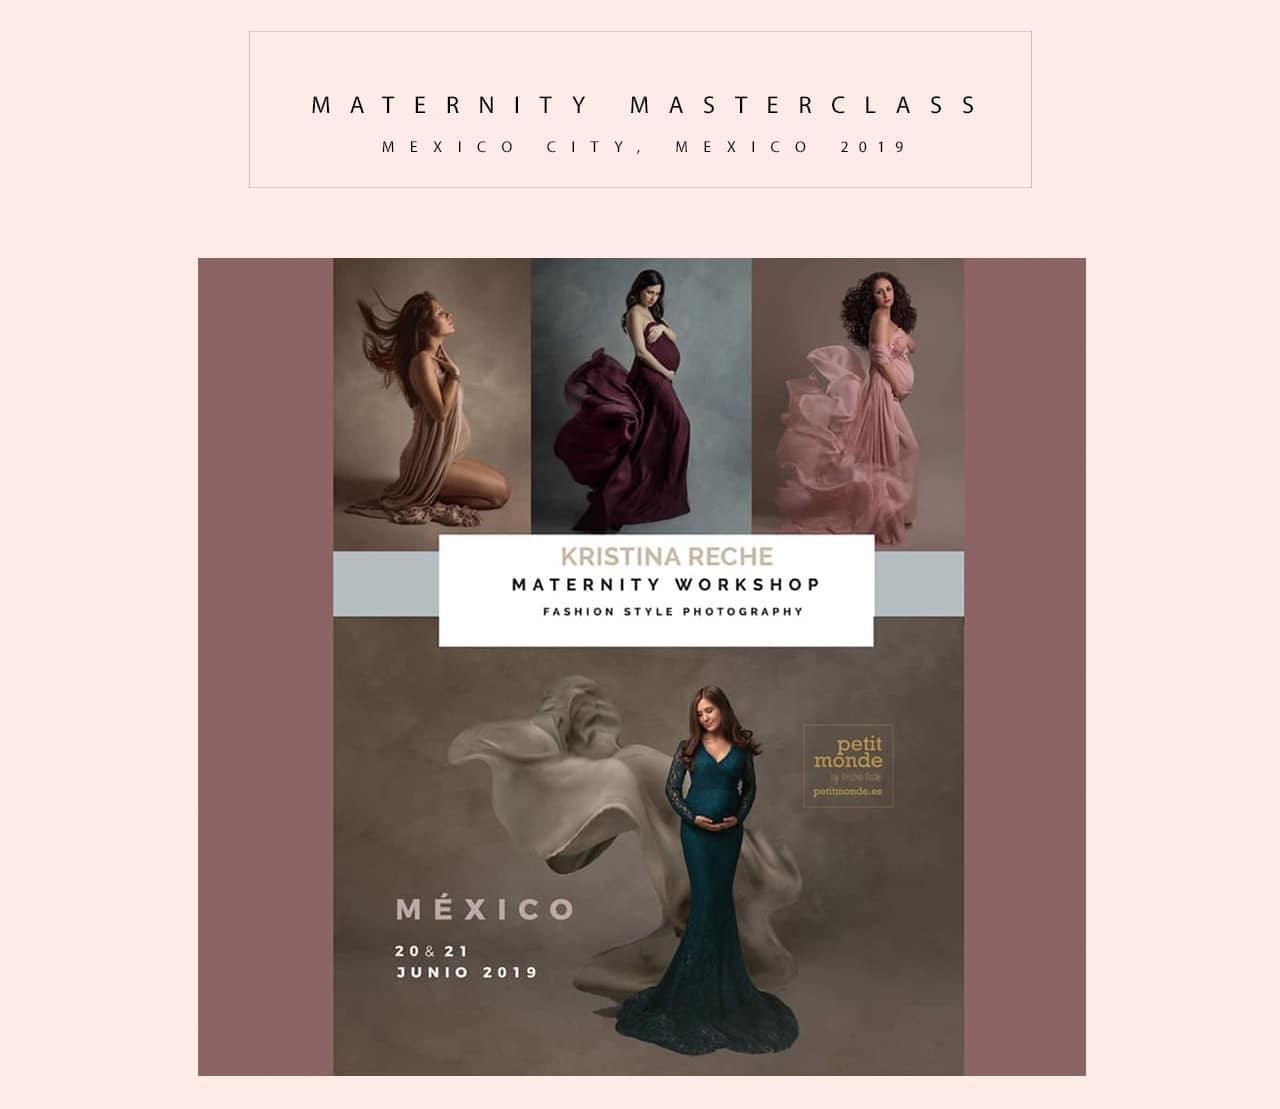 MATERNITY WORKSHOP MEXICO CAPACITACION FOTOGRAFIA EMBARAZO PETIT MONDE KRISTINA RECHE 1 - Sobre mi